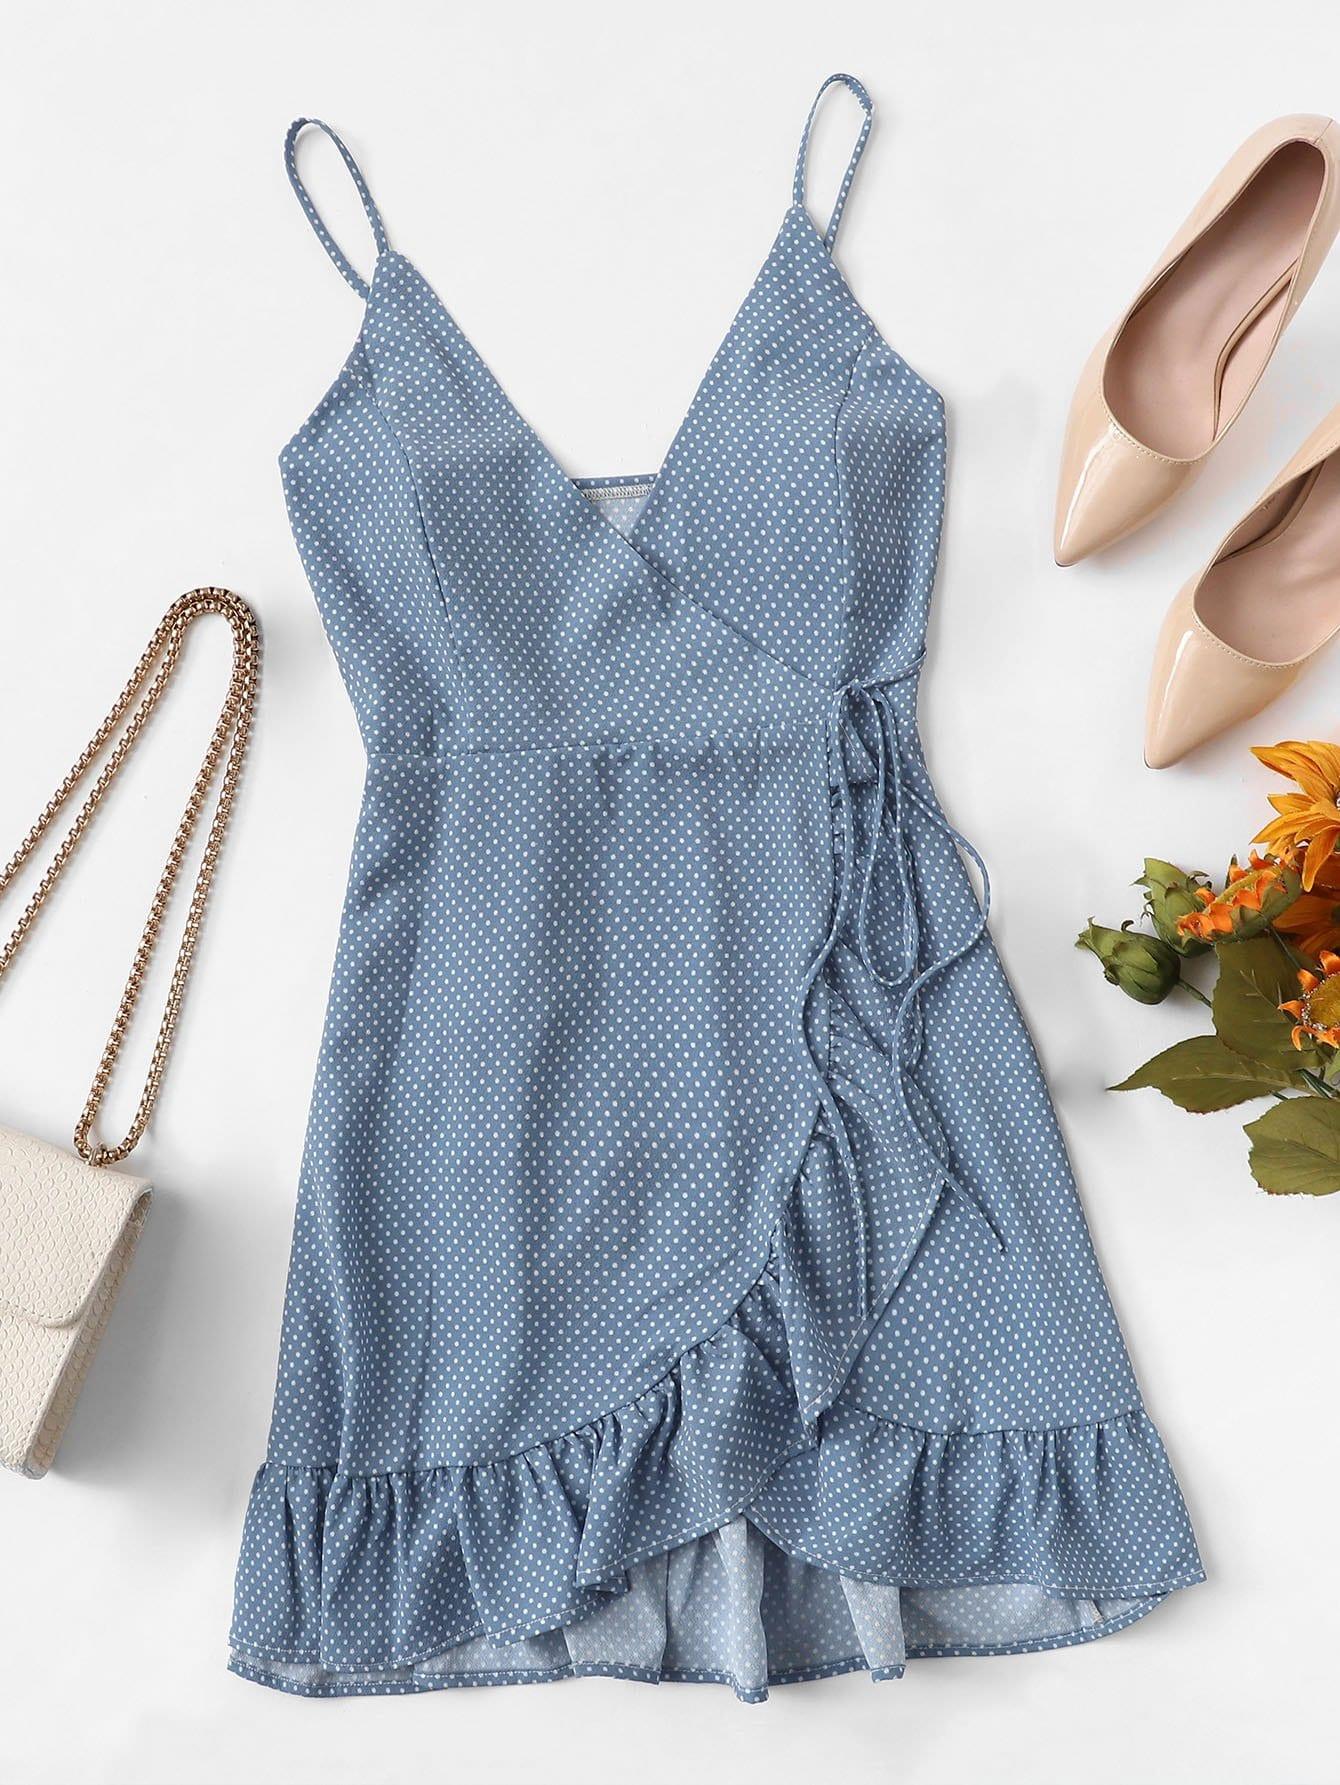 Asymmetrisches Kleid mit Tupfenmuster, Schößchensaum und Knoten